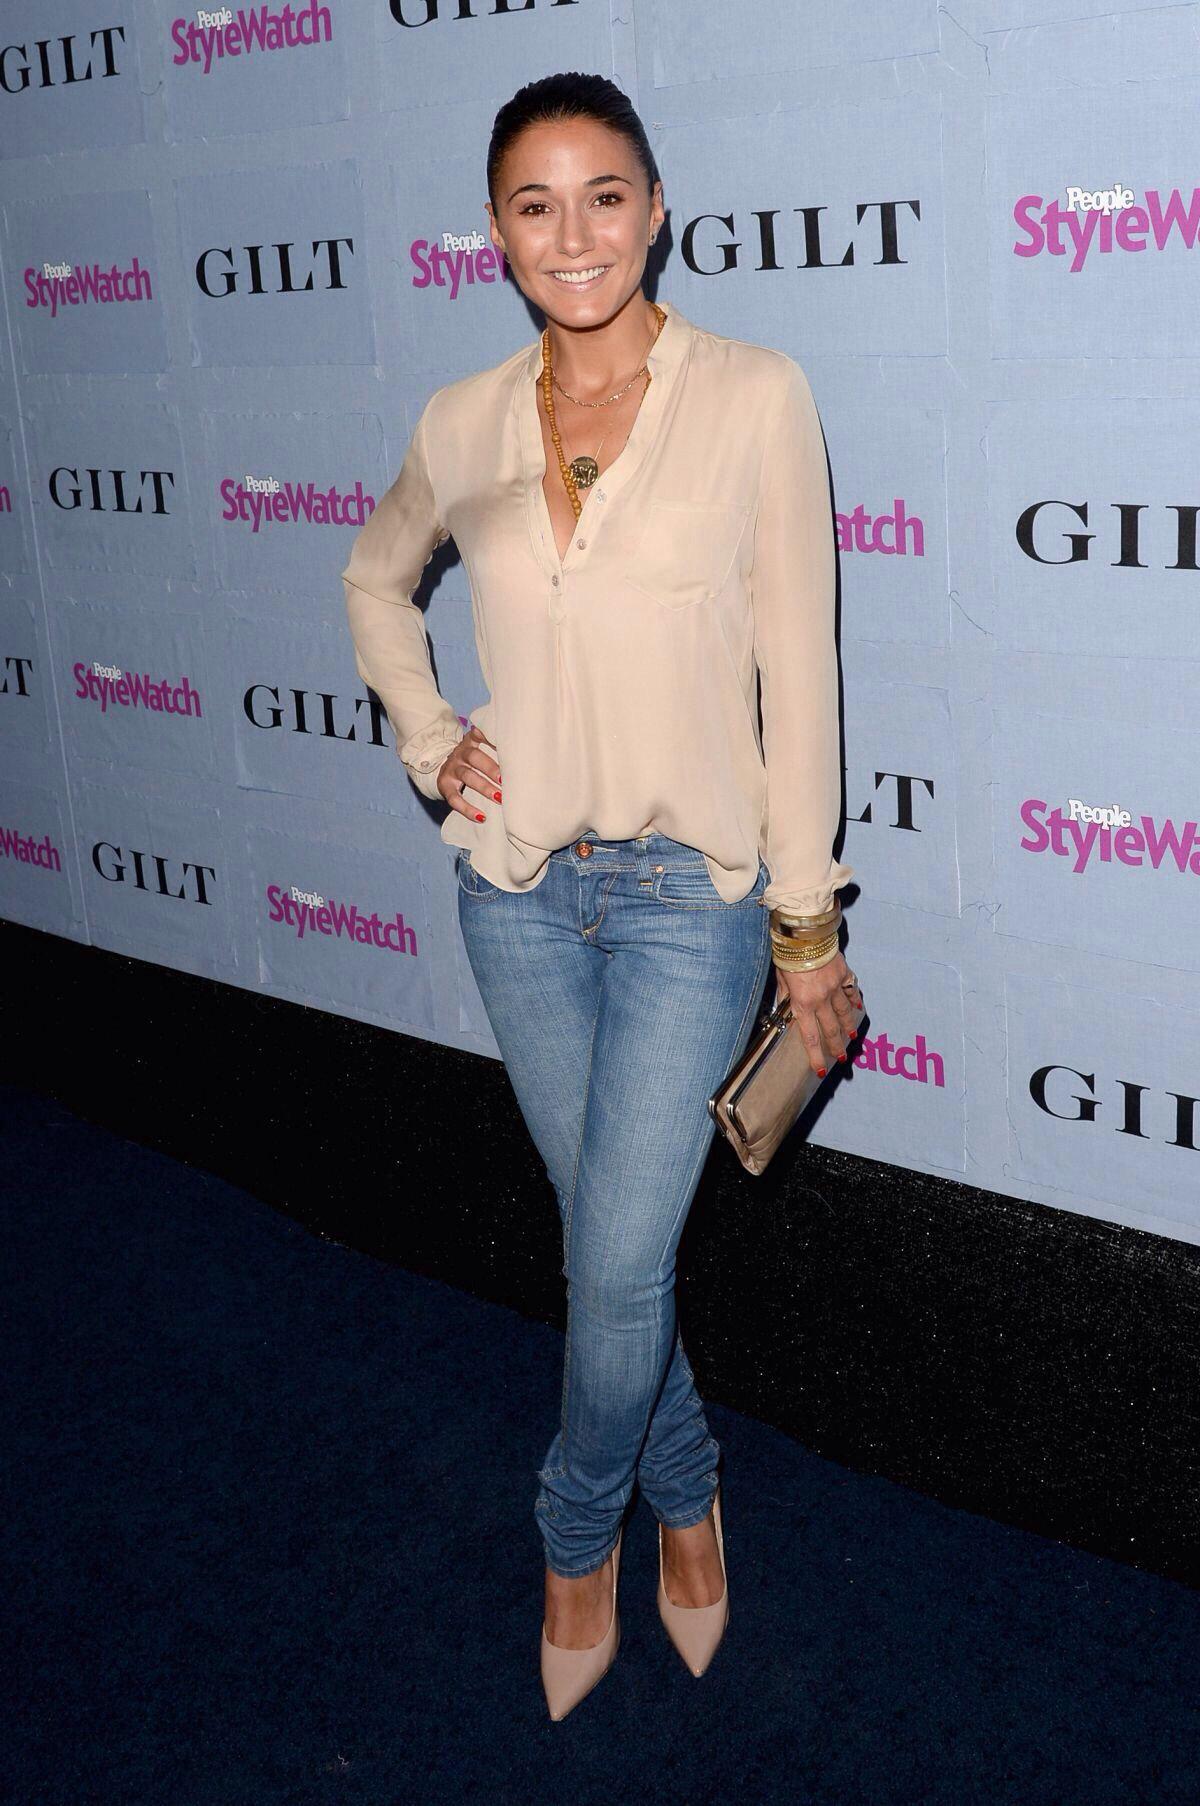 f365eeba2c6 Emmanuelle Chriqui Love the blouse